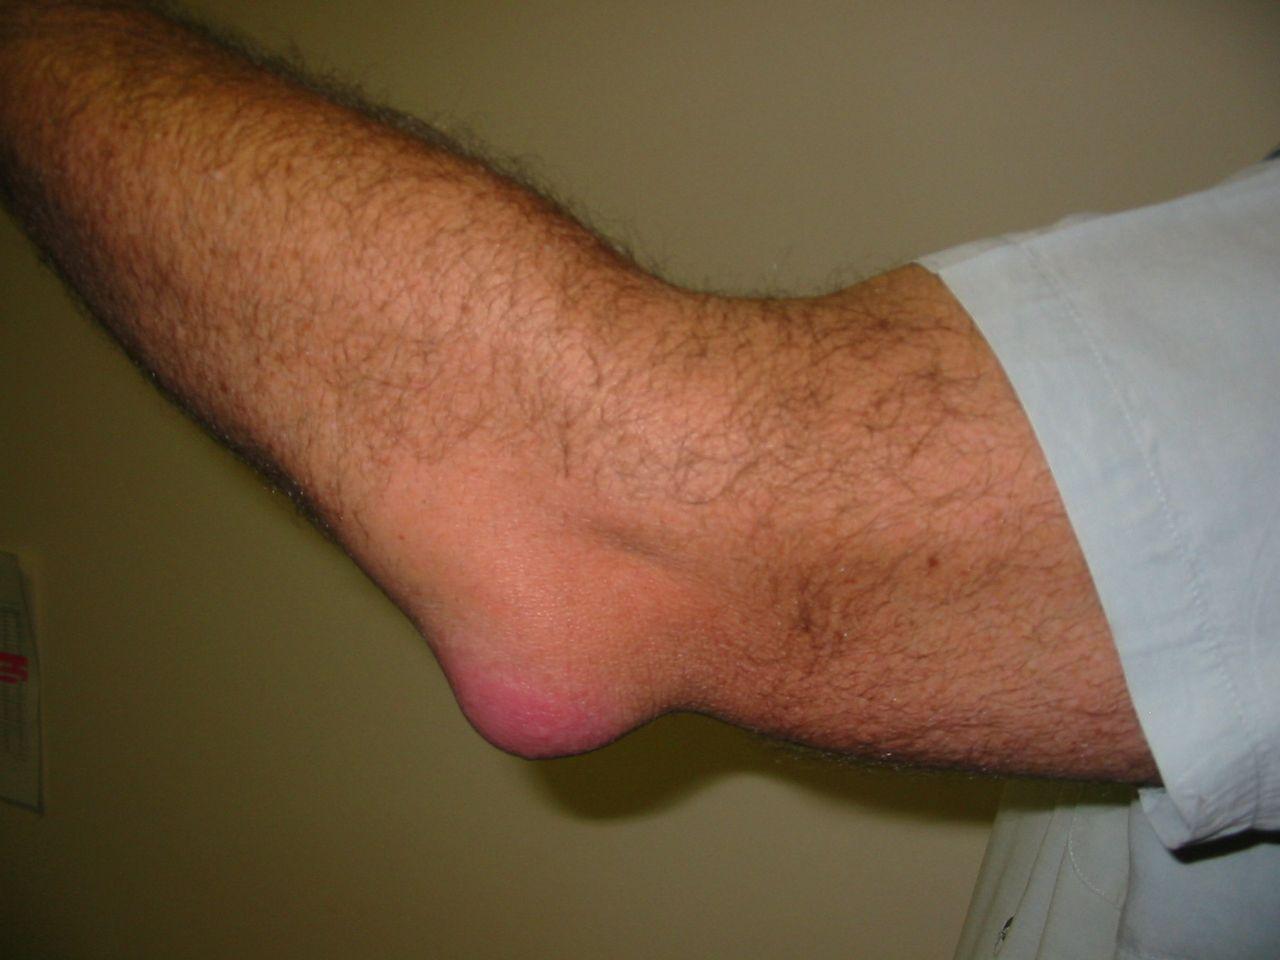 Teniszkönyök tünetei és kezelése